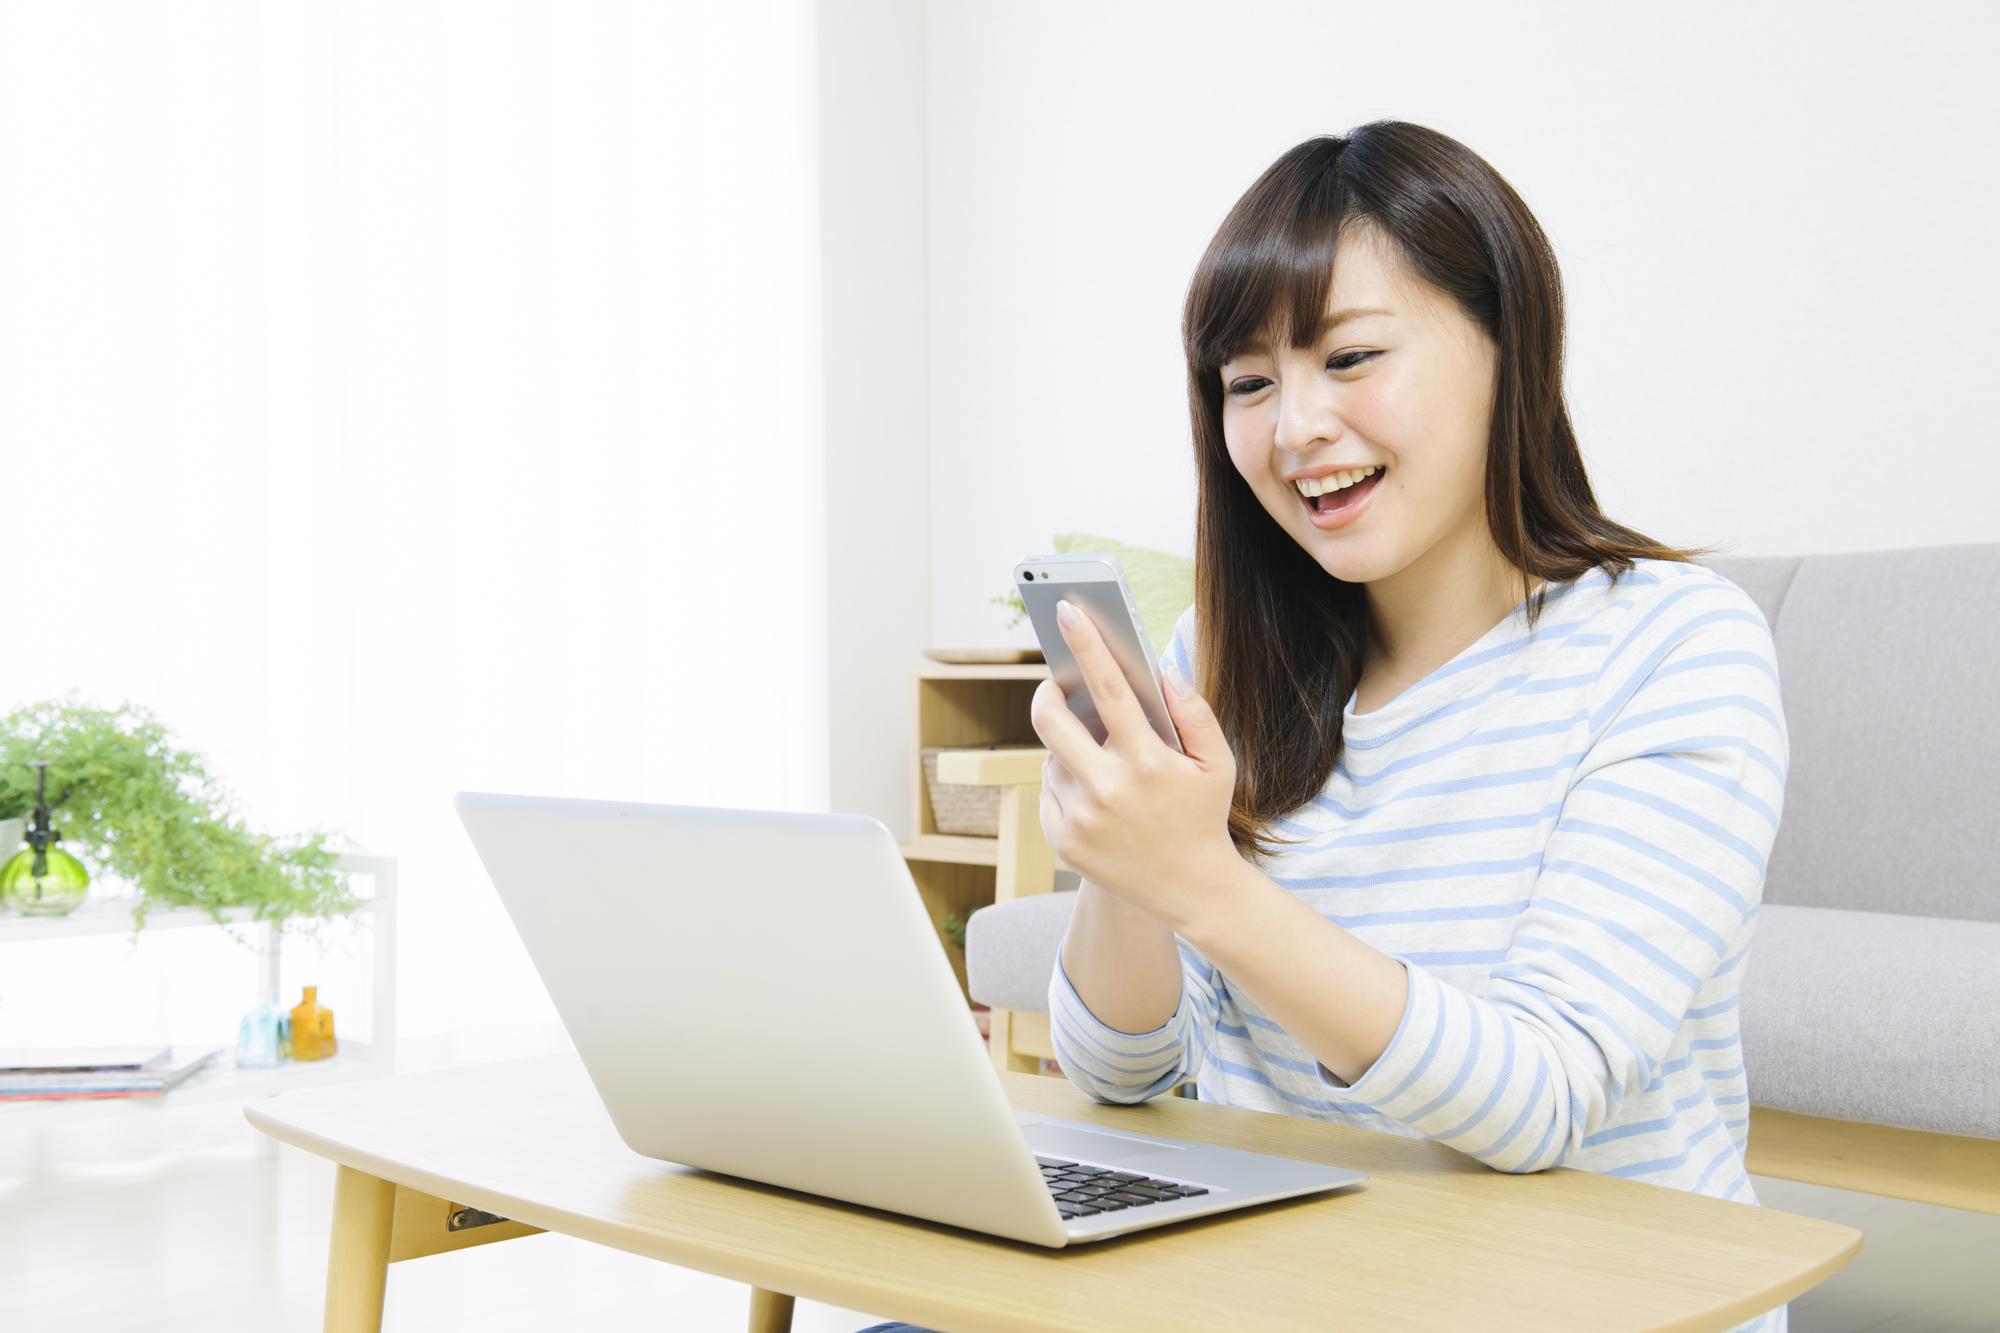 パソコンとスマホをする若い女性